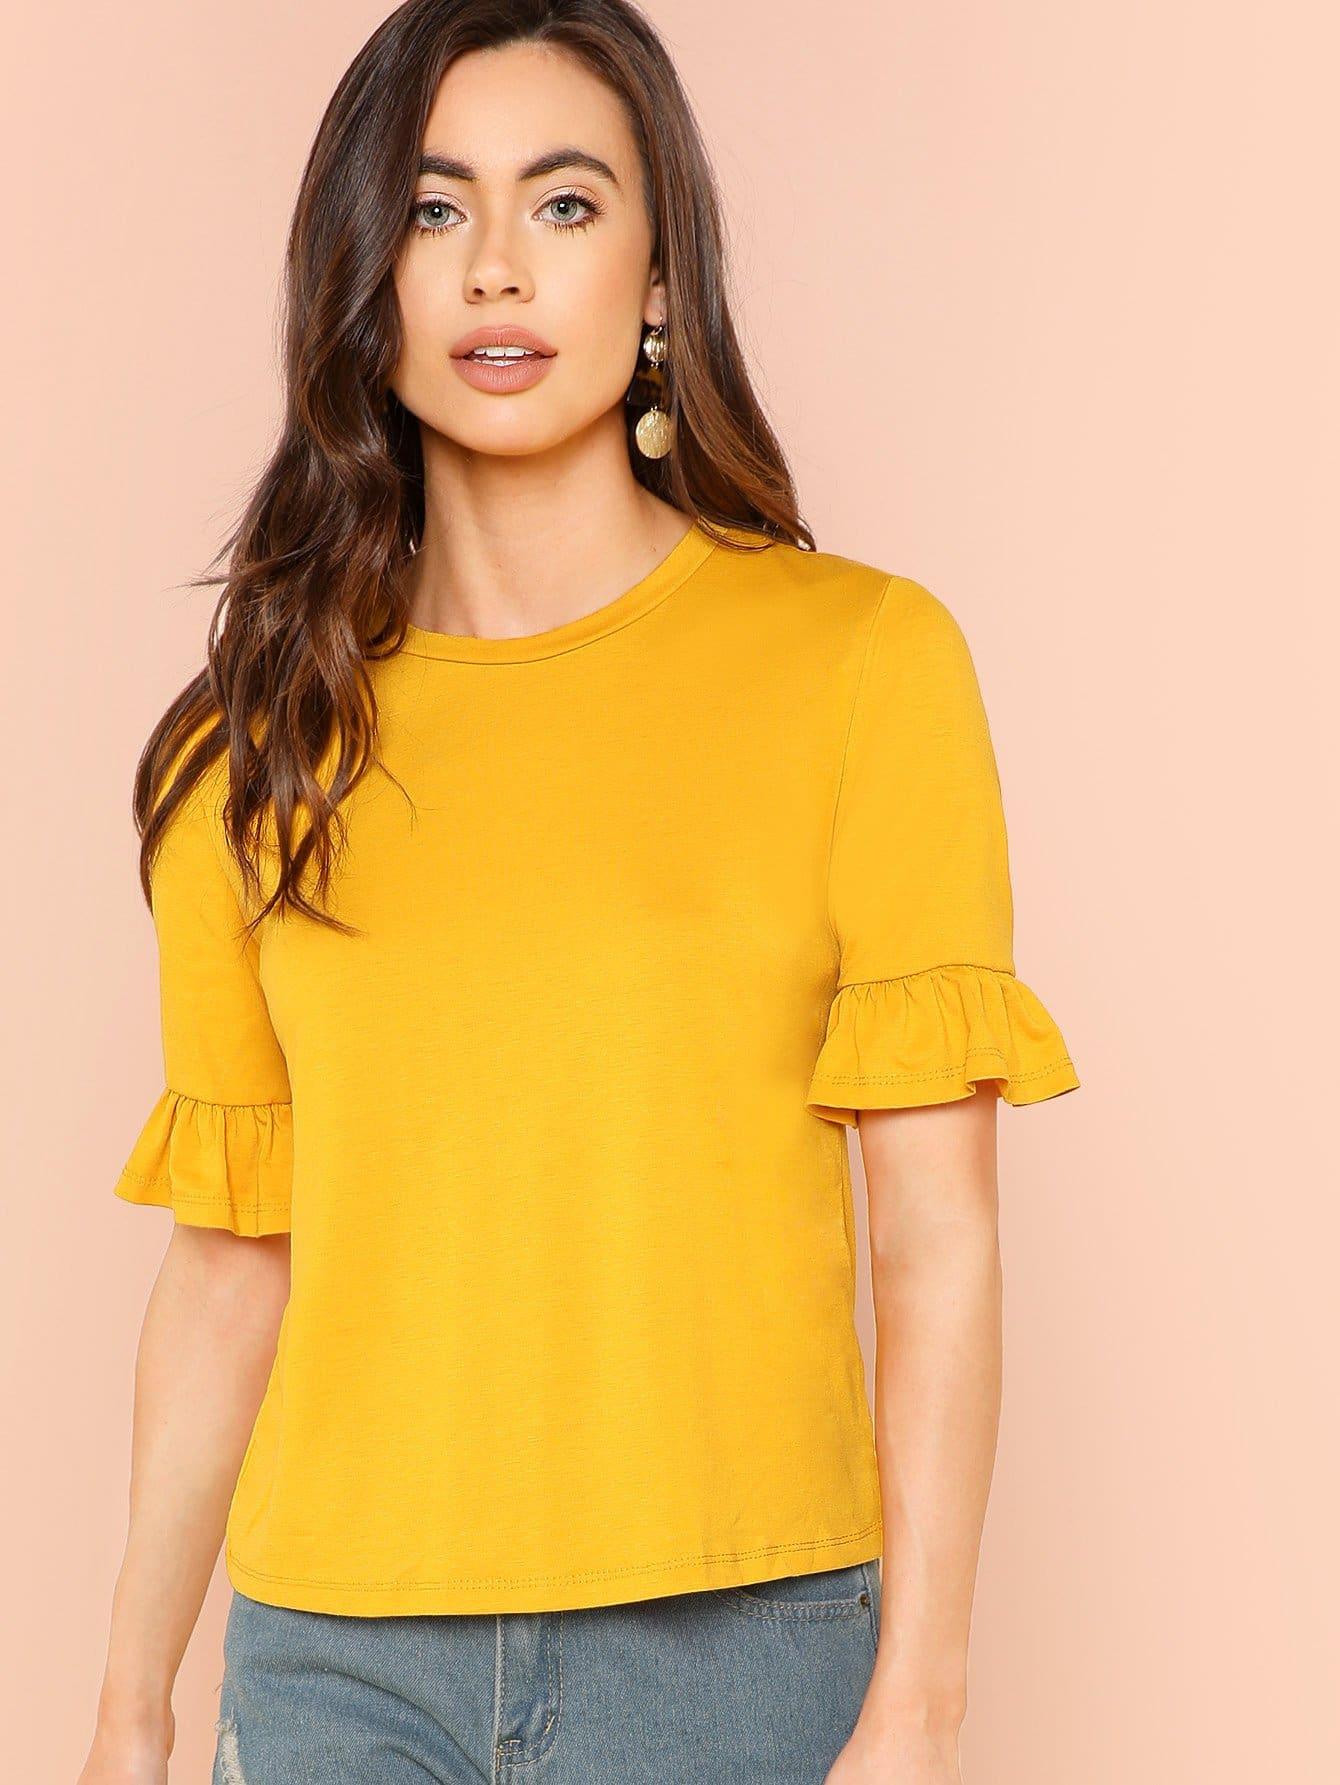 Рубашка с манжетой, Kelli S., SheIn  - купить со скидкой